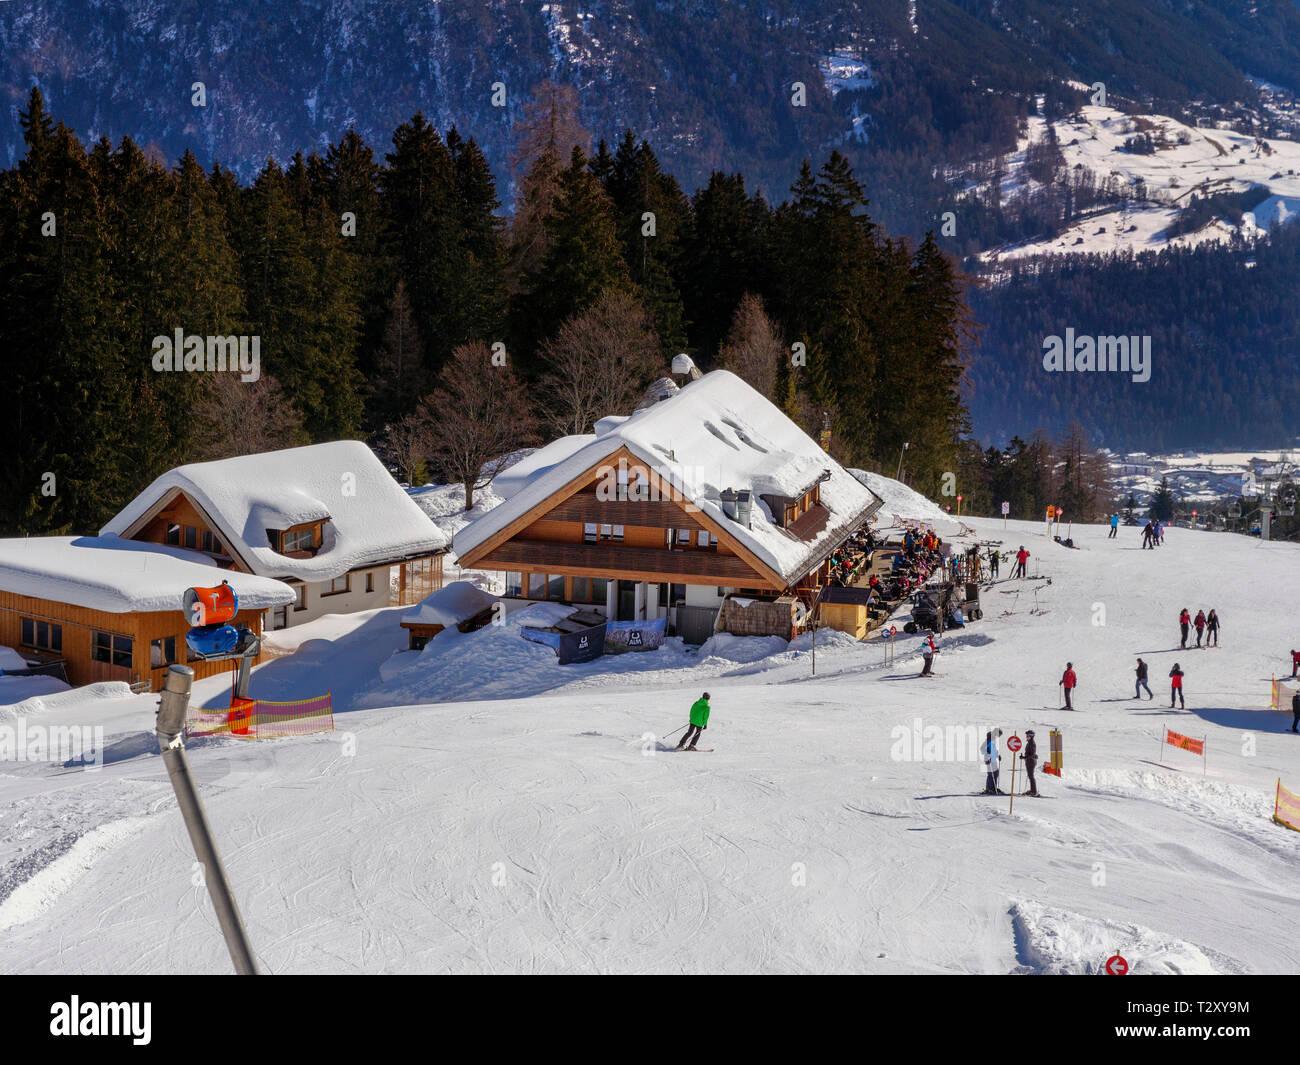 Skilift bei der Untermarkter Alm, Hochimst bei Imst, Tirol, Österreich, Europa Skilift at alp  Untermarkter Alm, skiing area Hochimst, Imst, Tyrol, Au Stock Photo